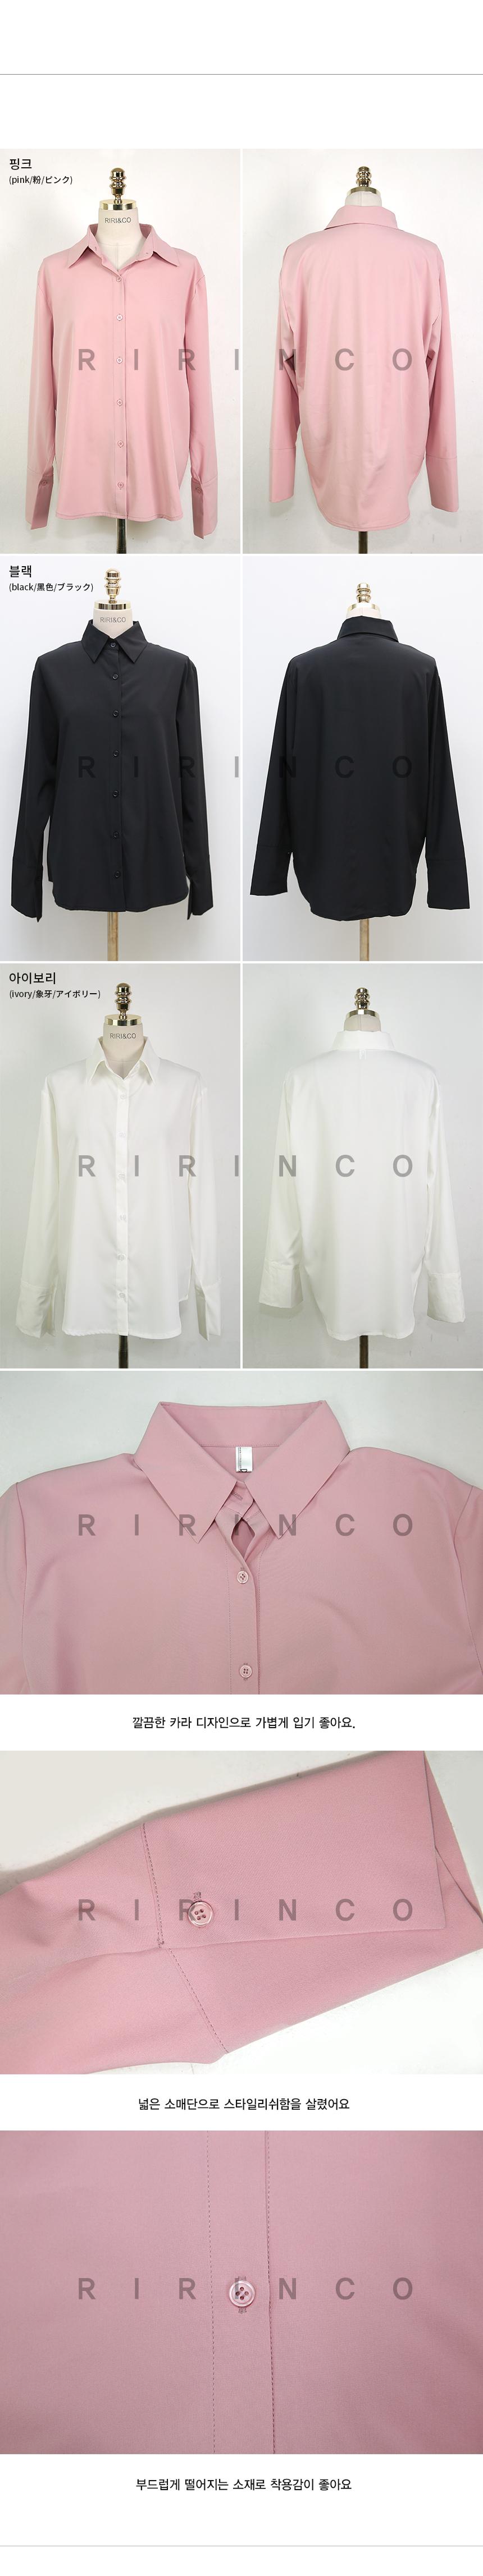 슈가와플 베이직 셔츠